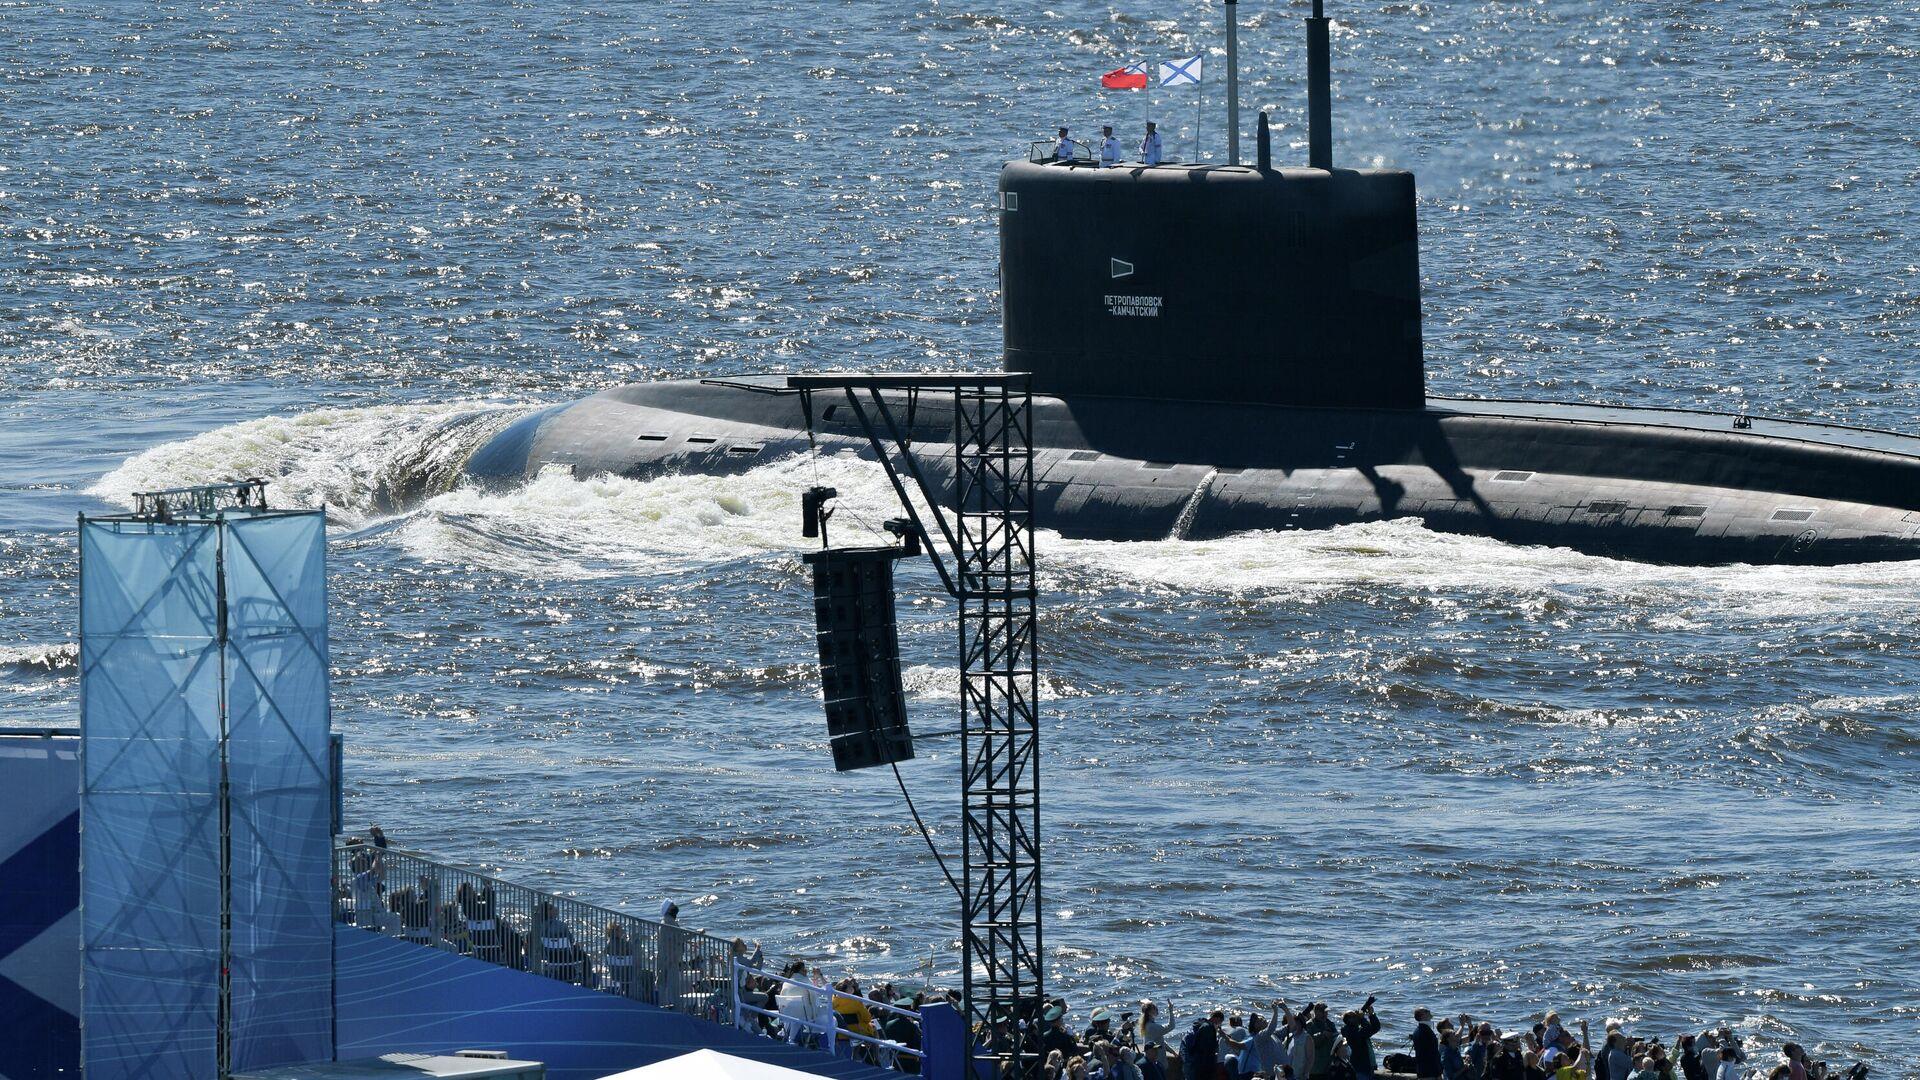 Подводная лодка Б-274 Петропавловск-Камчатский во время Главного военно-морского парада по случаю Дня ВМФ на Кронштадтском рейде - РИА Новости, 1920, 07.09.2020